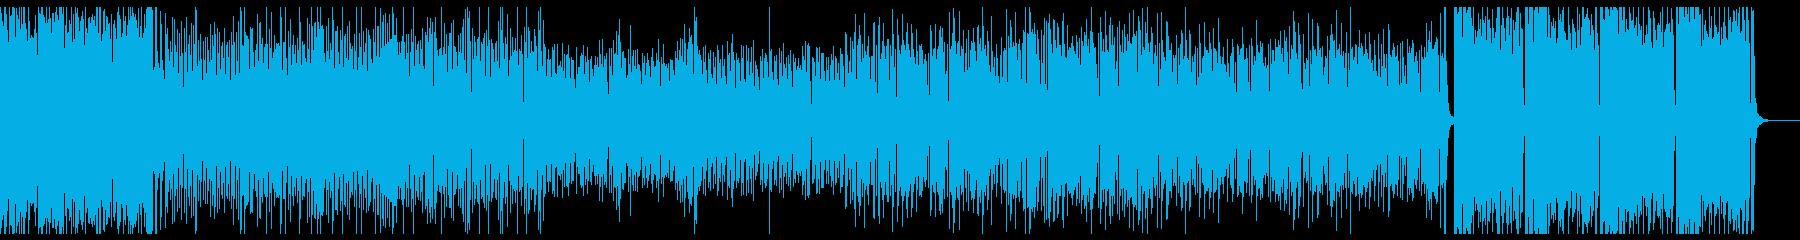 ホーンセッションでスカッとする曲の再生済みの波形